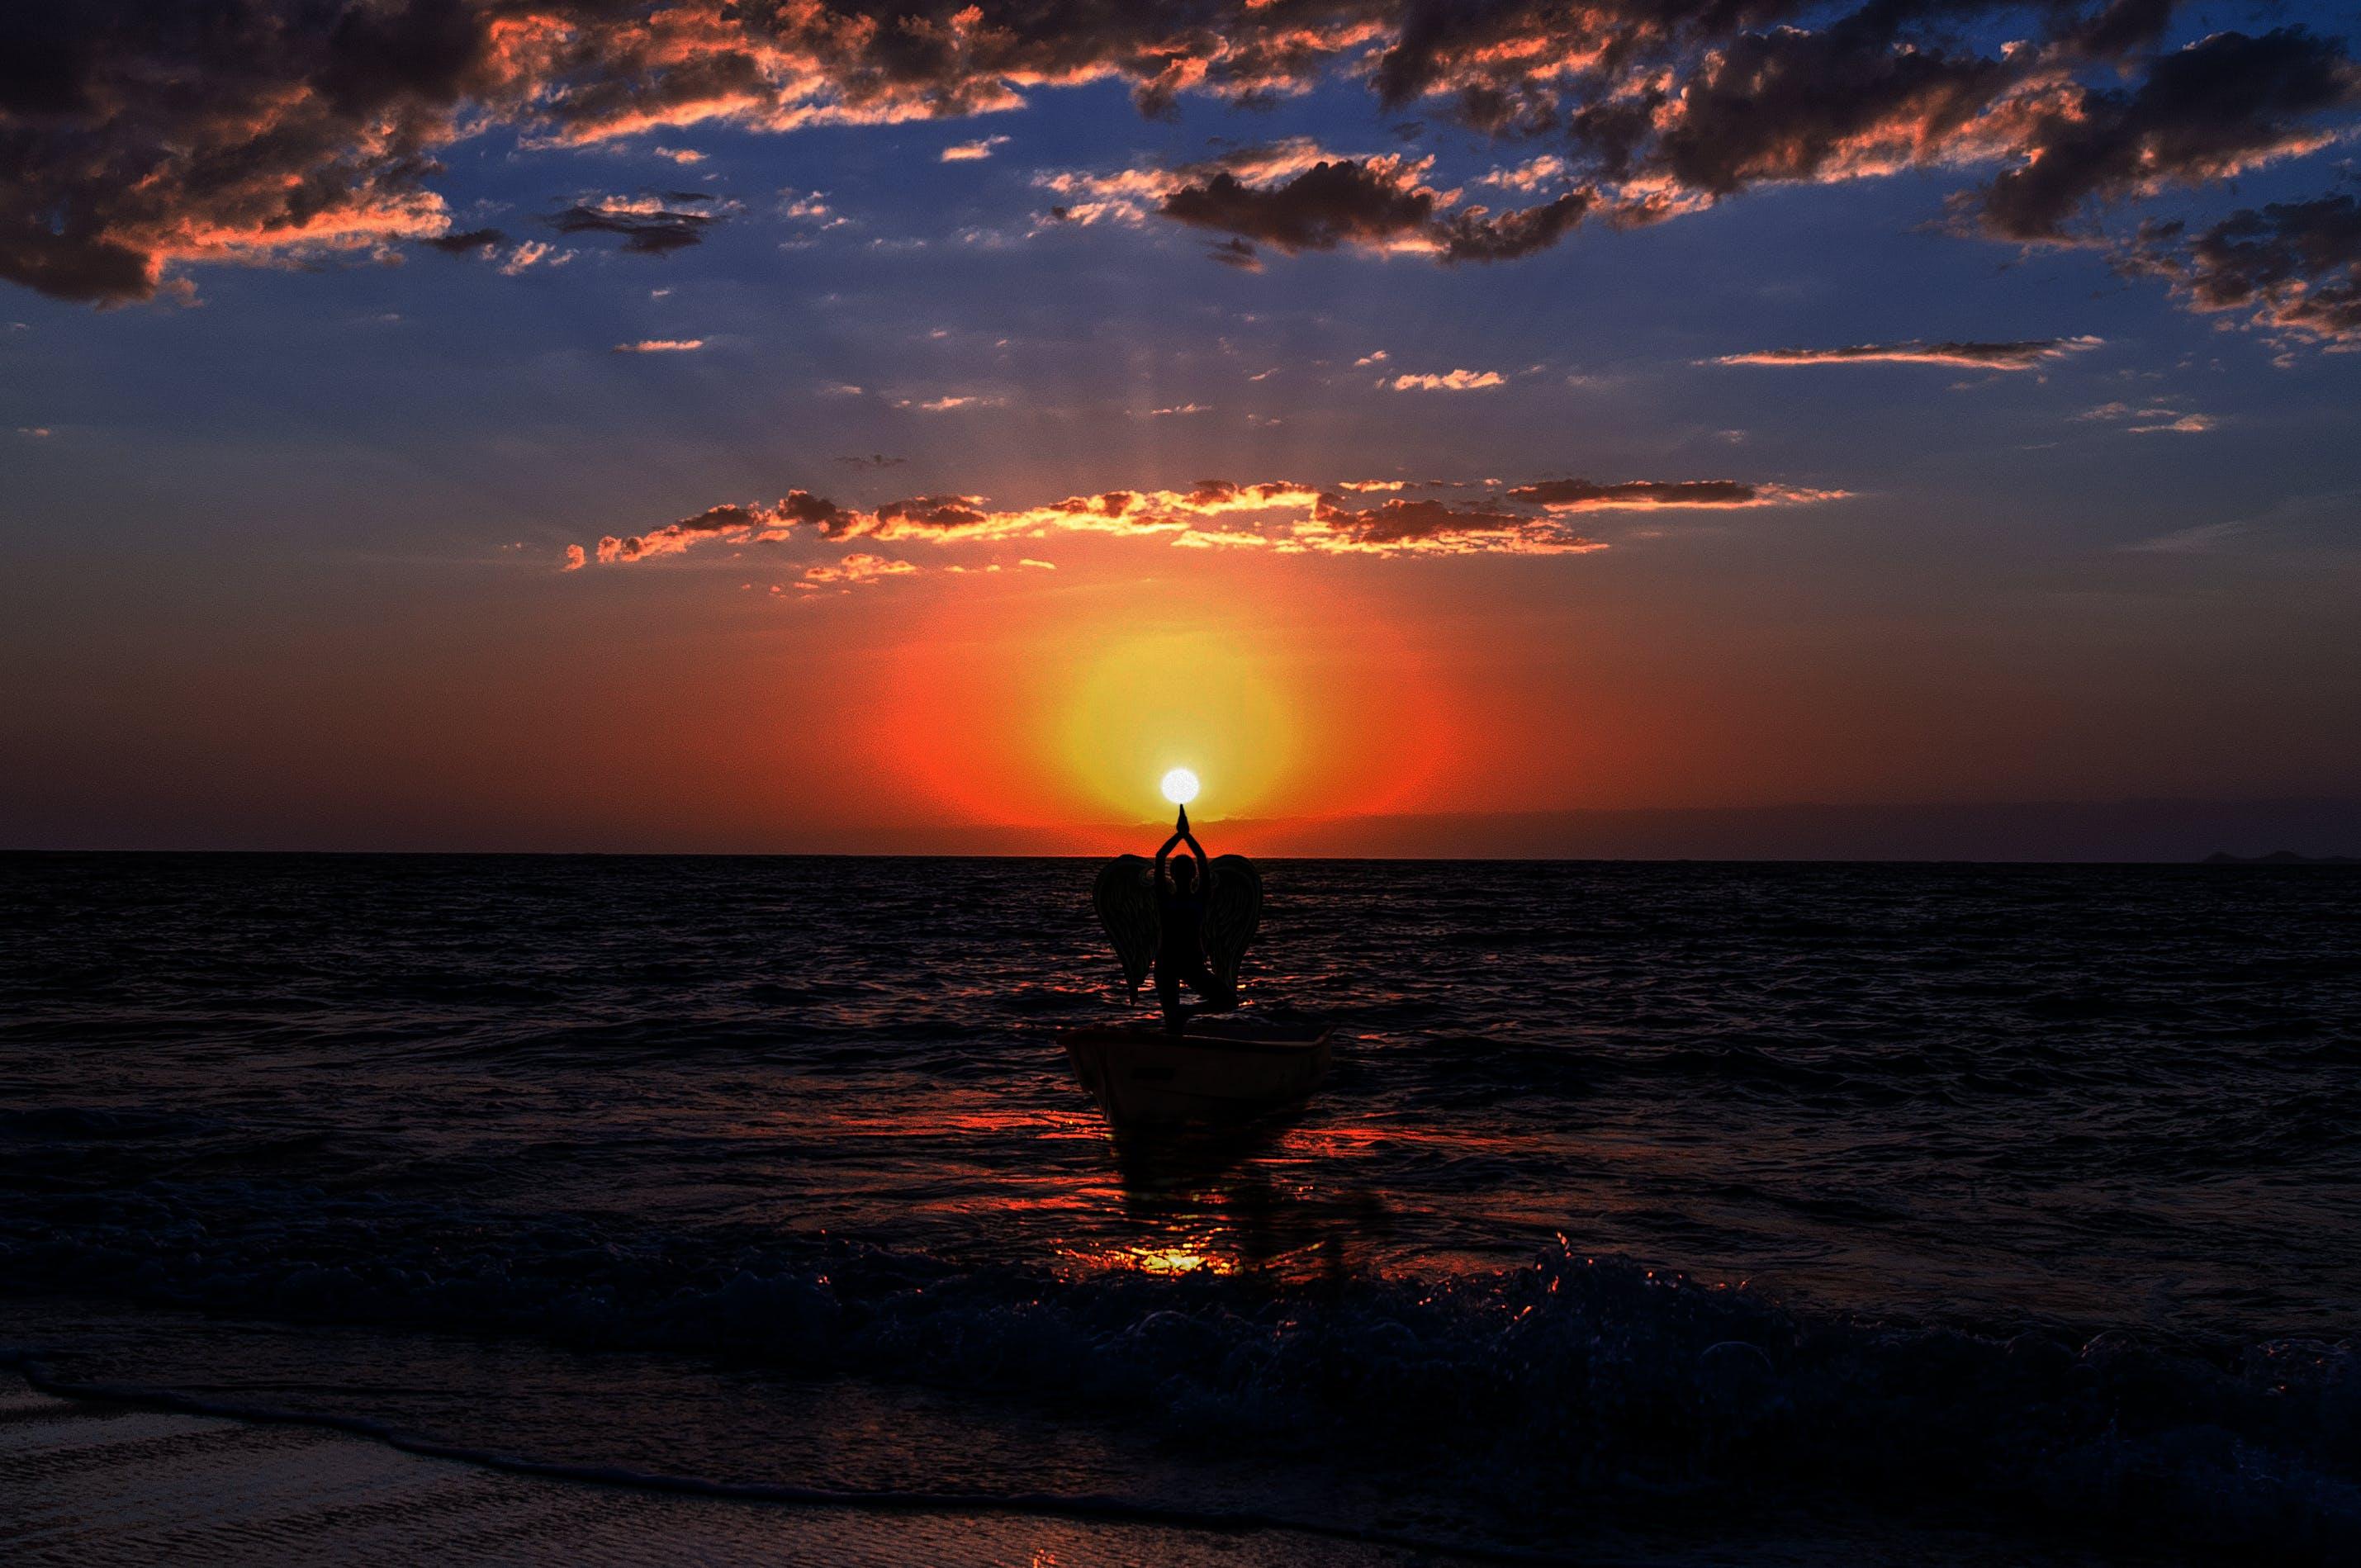 Gratis stockfoto met achtergrondlicht, avond, avondlucht, blikveld